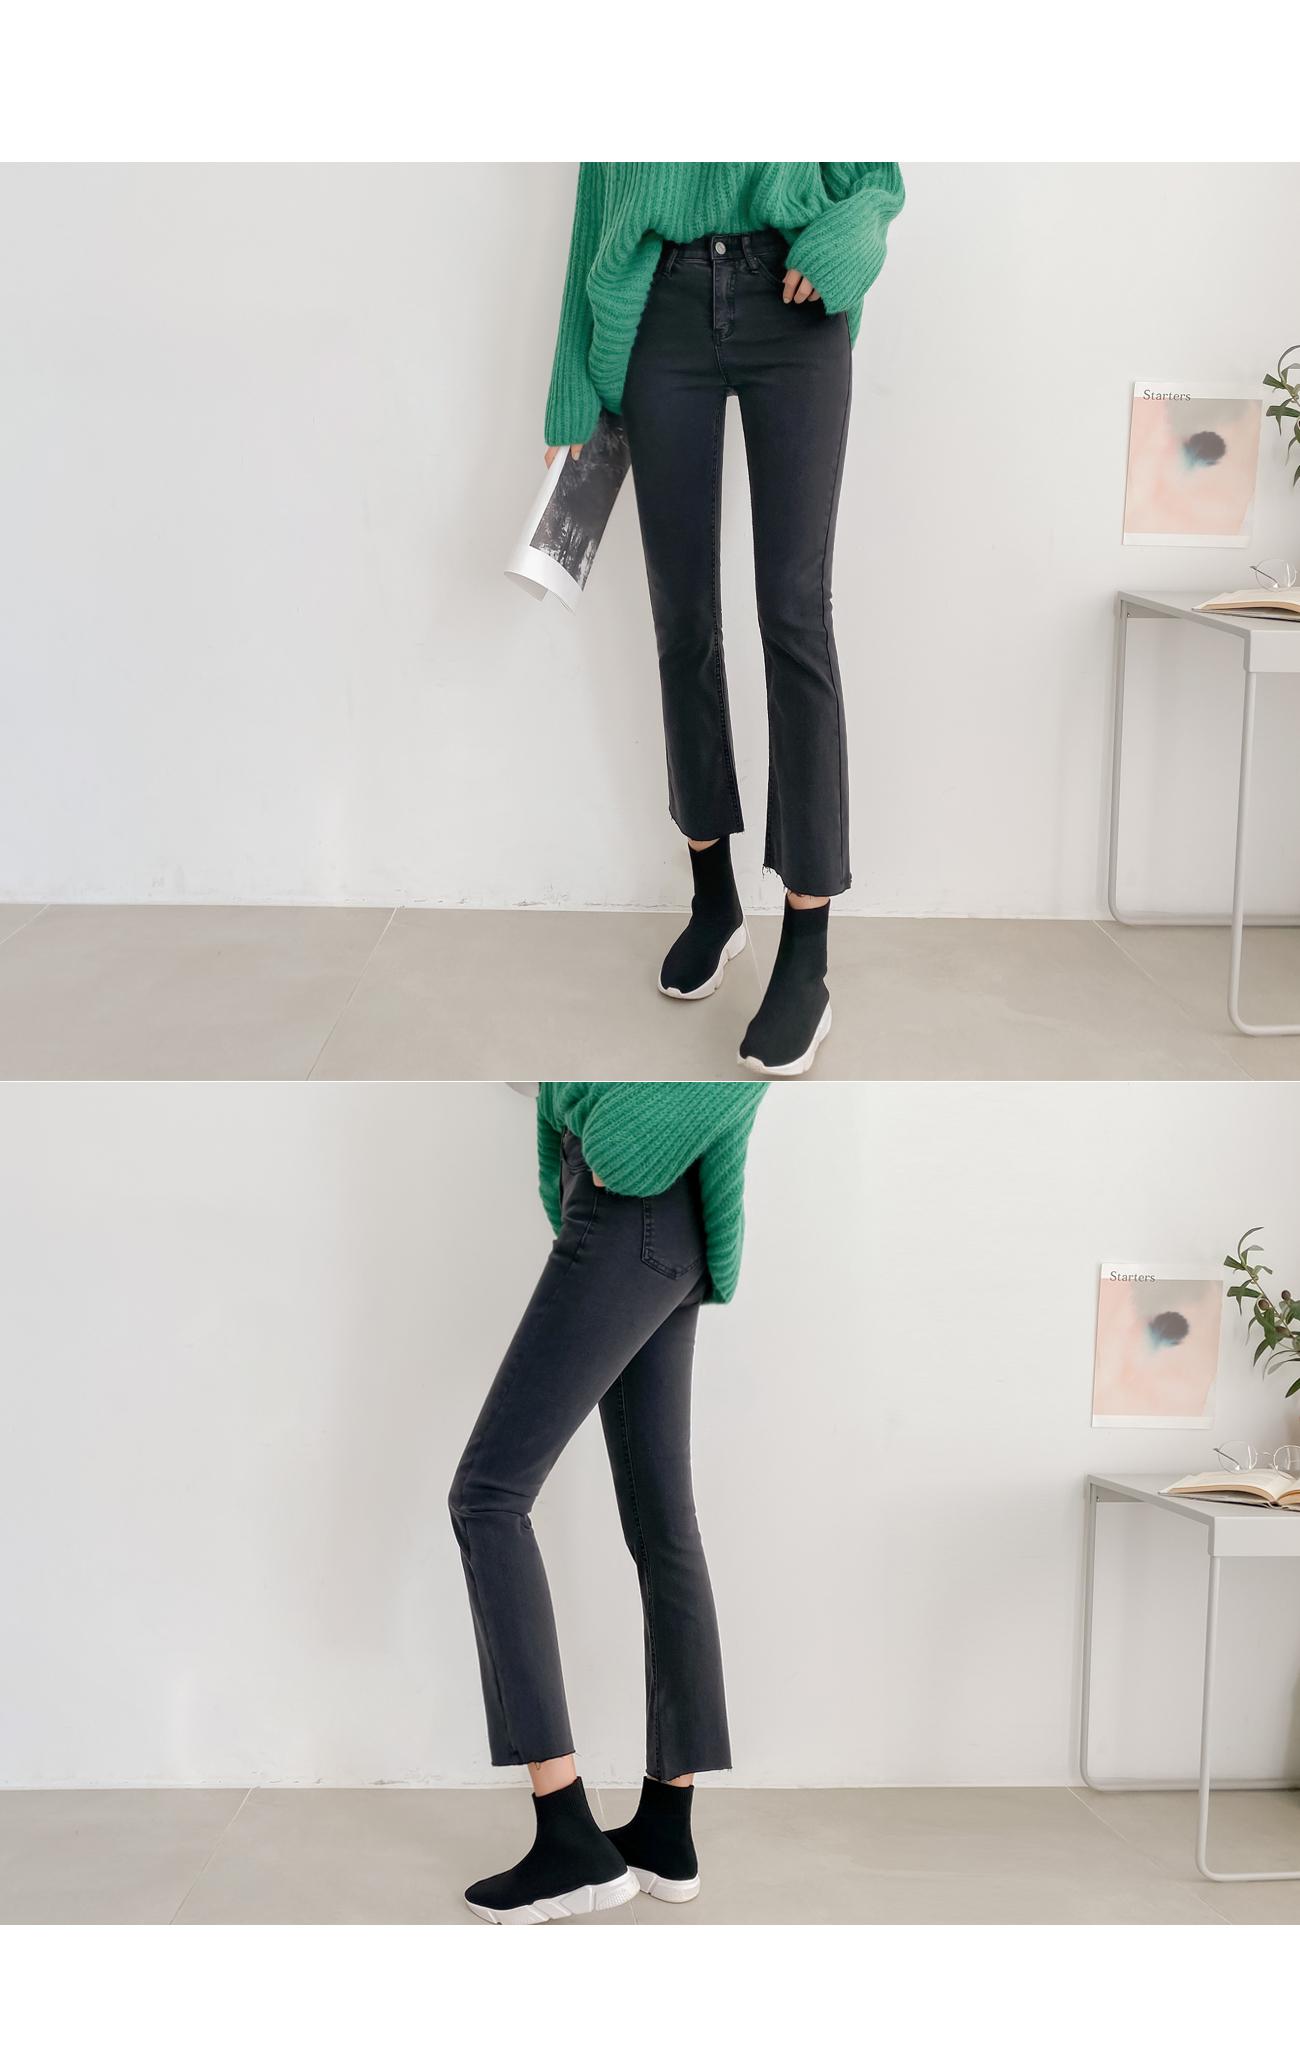 Inband Spandex Fleece-lined Cut Jeans #75538